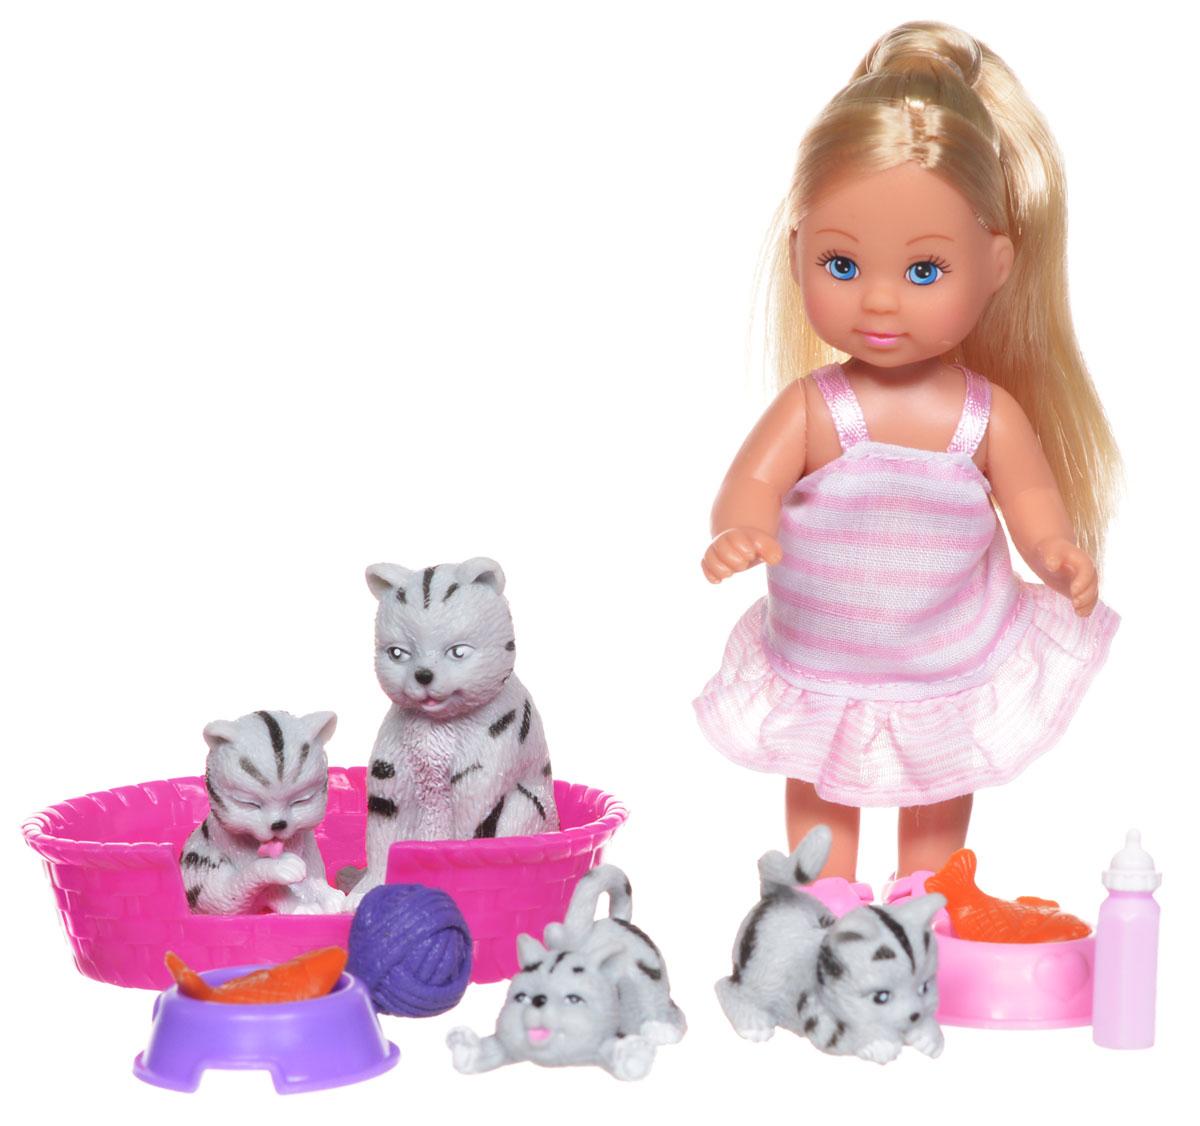 Simba Игровой набор с мини-куклой Еви с кошками5734191_блондинка, серые кошкиИгровой набор с мини-куклой Simba Еви с кошками порадует любую девочку и надолго увлечет ее. Набор включает в себя куколку Еви, ее питомцев в виде серых кошечек, а также аксессуары для ухода за животными. Малышка Еви одета в полосатый сарафан и розовые ботиночки. Вашей дочурке непременно понравится заплетать длинные белокурые волосы куклы, придумывая разнообразные прически. Руки, ноги и голова куклы подвижны, благодаря чему ей можно придавать разнообразные позы. Игры с куклой способствуют эмоциональному развитию, помогают формировать воображение и художественный вкус, а также разовьют в вашей малышке чувство ответственности и заботы. Великолепное качество исполнения делают эту куколку чудесным подарком к любому празднику.